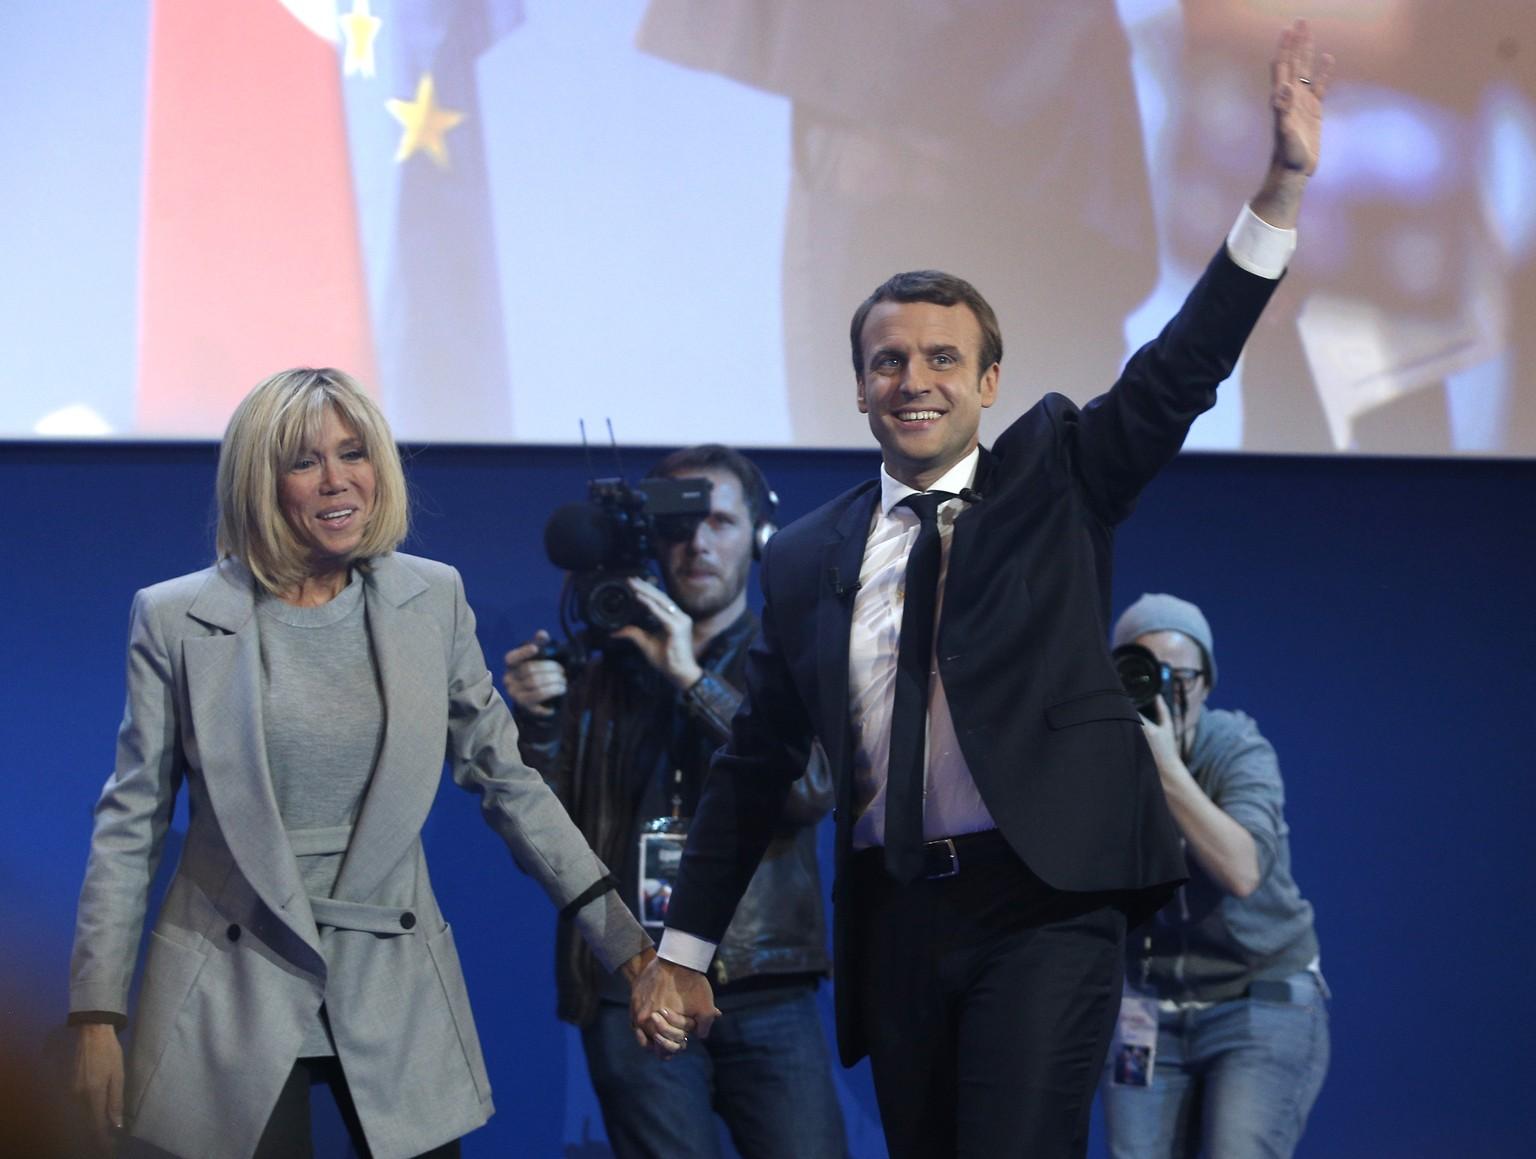 Le Pen lässt vor Stichwahl Vorsitz der Front National ruhen